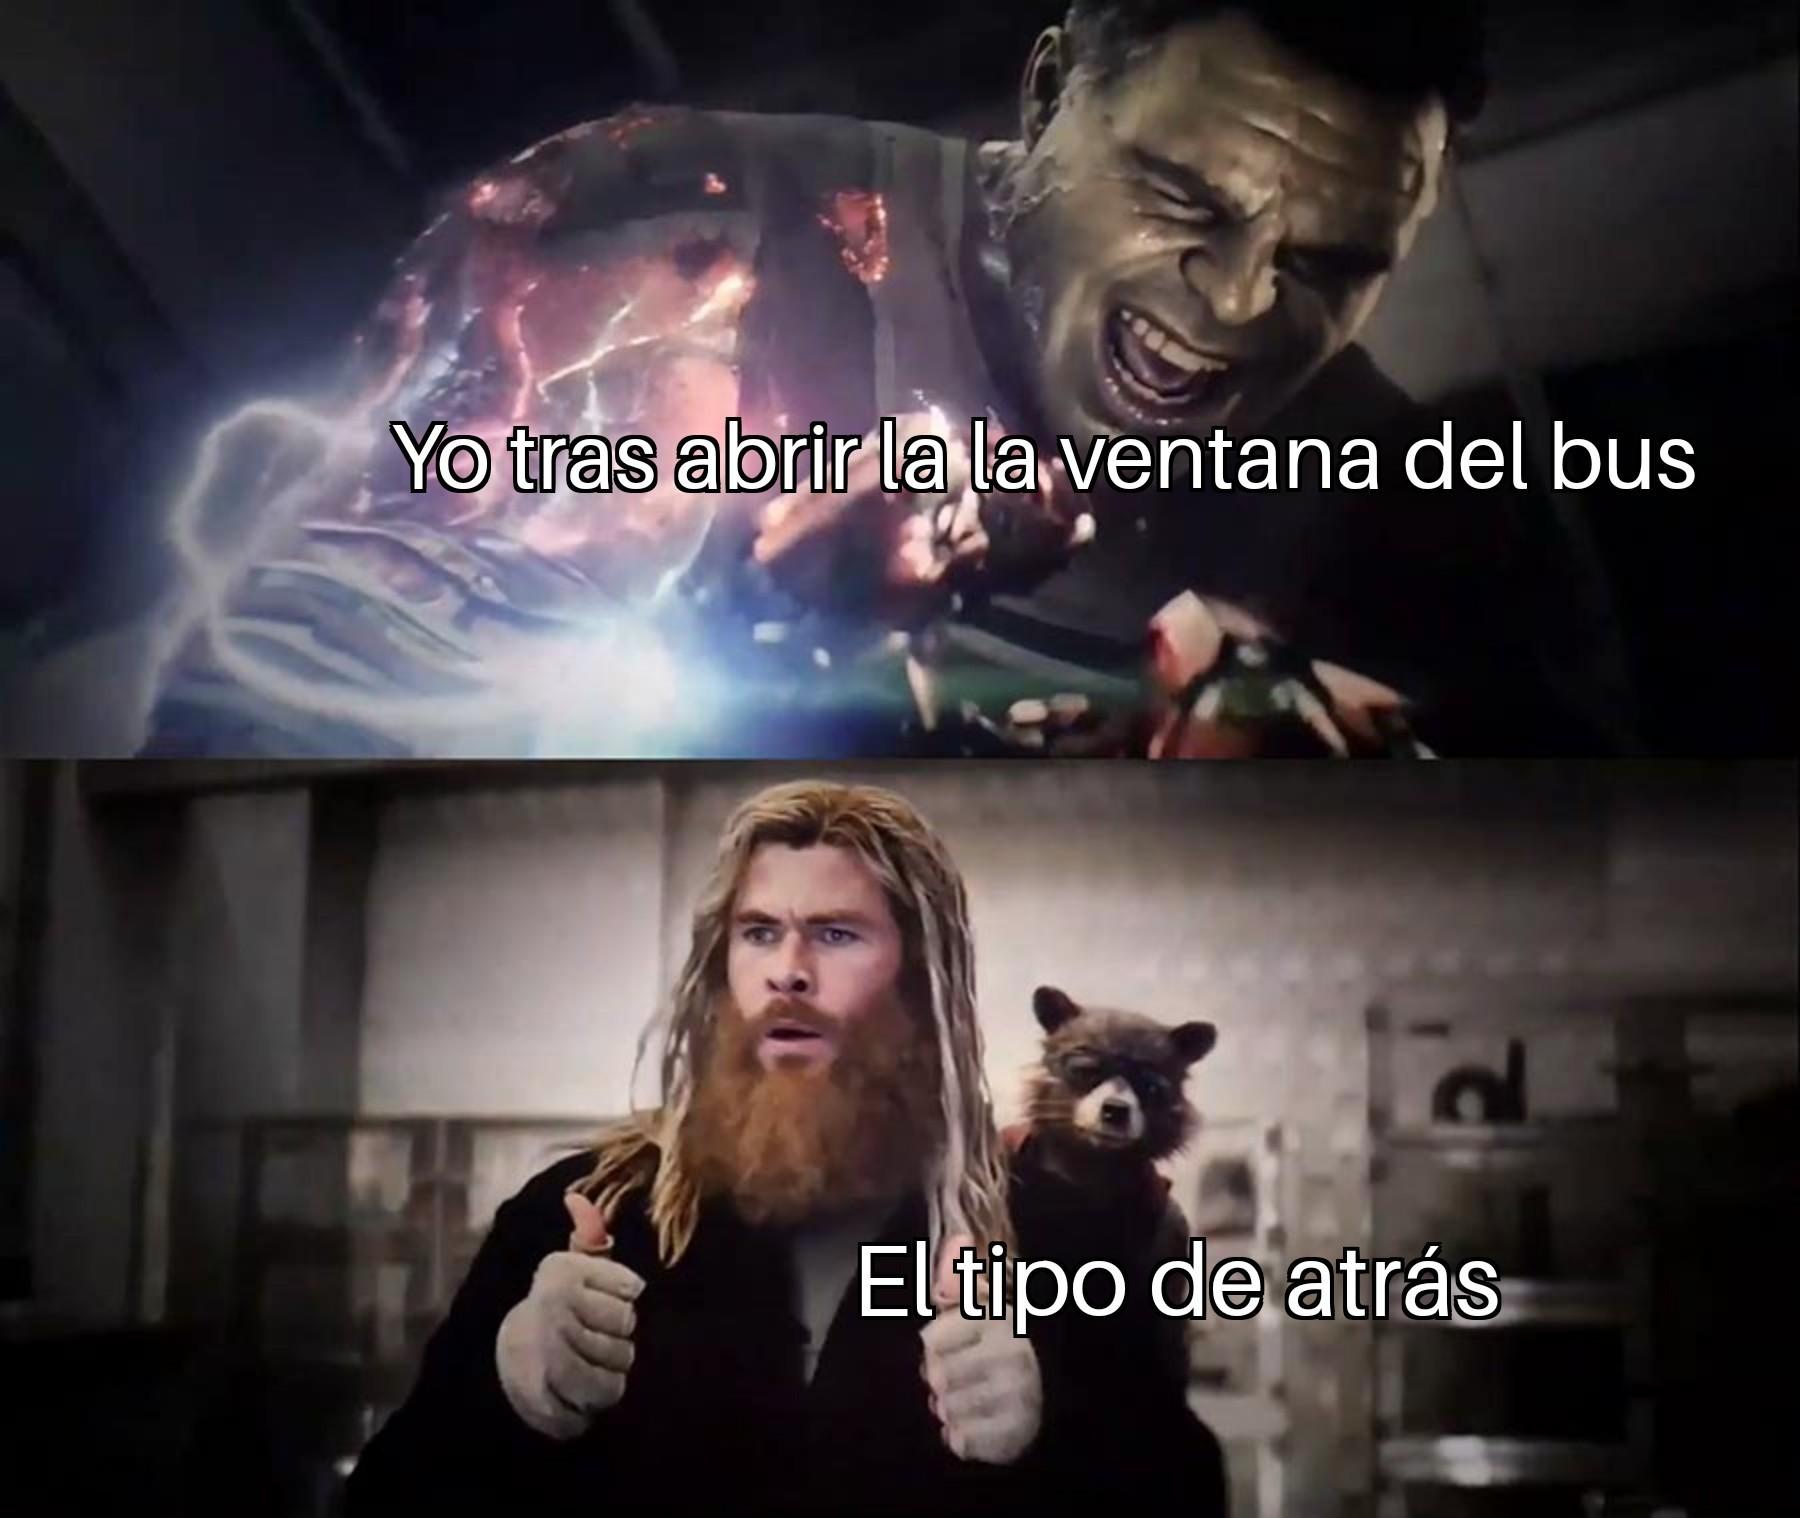 Holax2 - meme